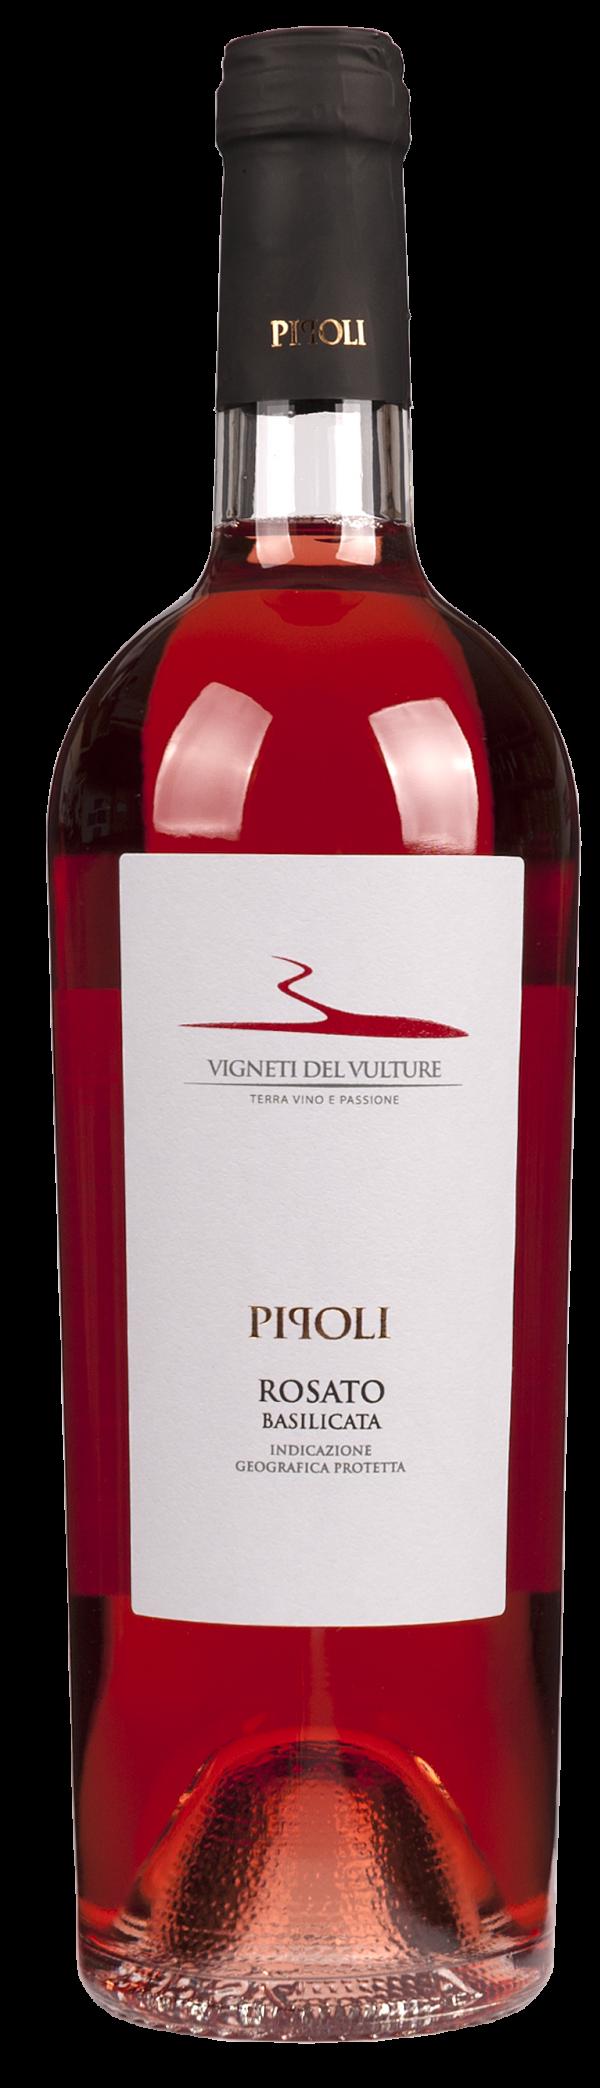 Bestel Pipoli Rosato Aglianico bij Casa del Vino